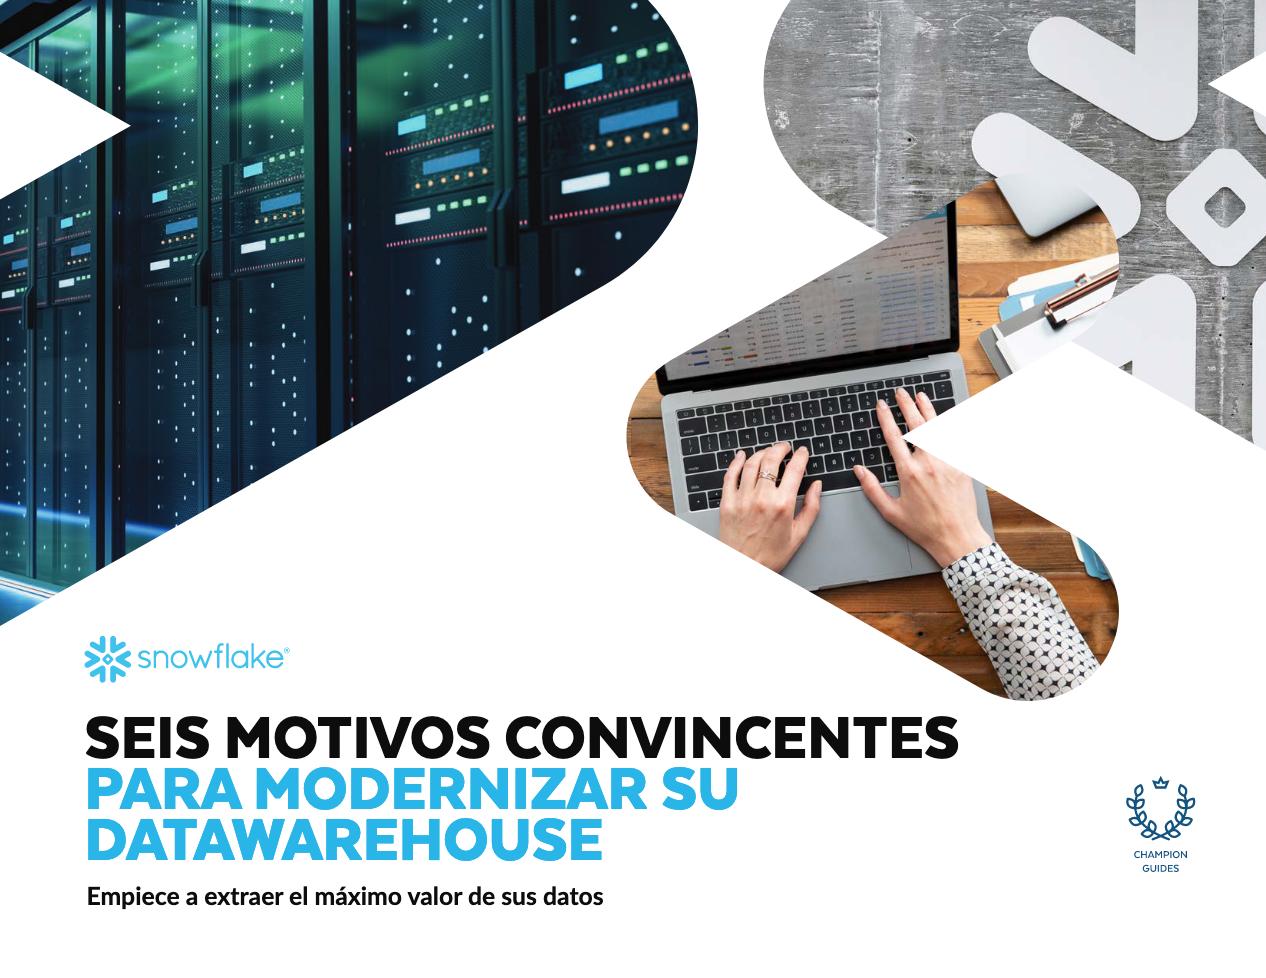 Screenshot 2020 10 21 seis motivos convincentes para modernizar su datawarehouse pdf - Seis Motivos Convincentes Para Modernizar Su Datawarehouse